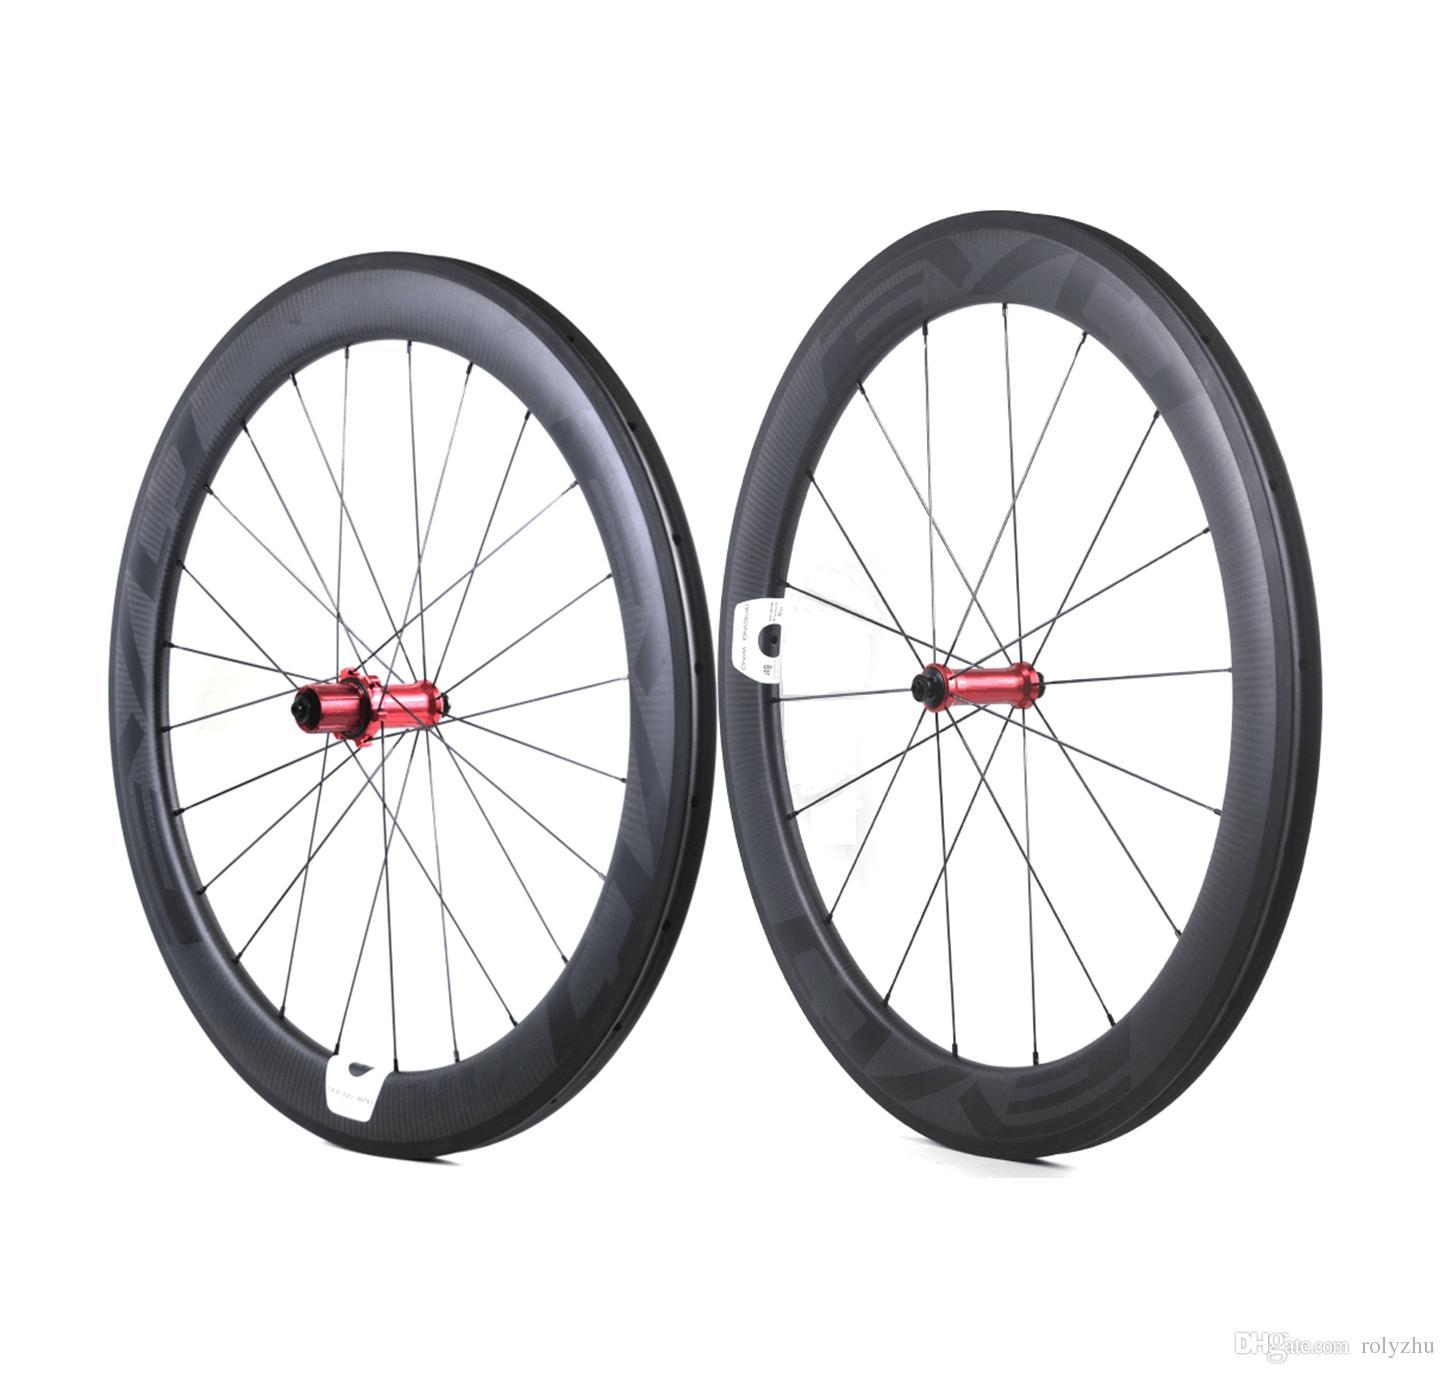 Tam karbon genişliği EVO karbon yol bisiklet tekerlekleri 60 mm derinliği 25 düğüm / boru şekilli tekerlek düz çekme ile Uyarlanabilir LOGO hub